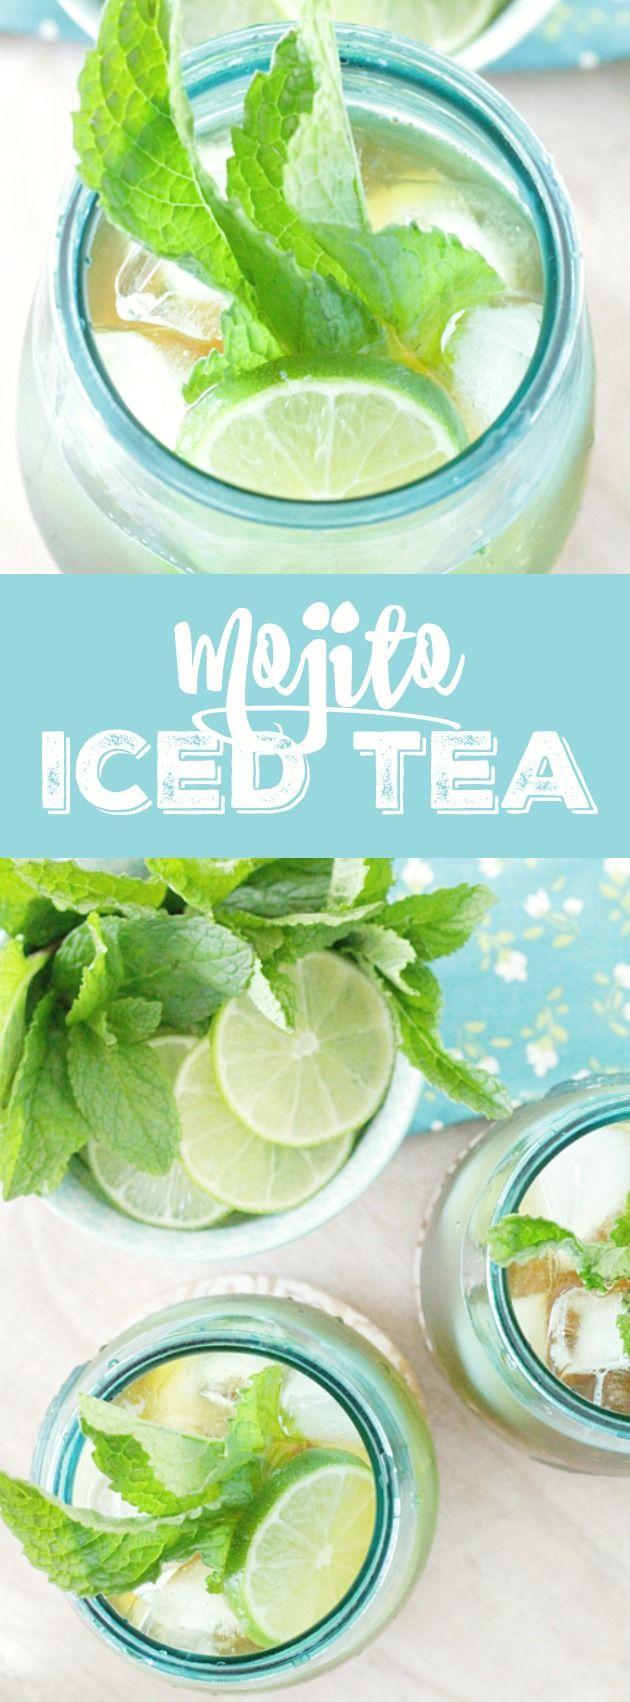 Mojito Iced Tea